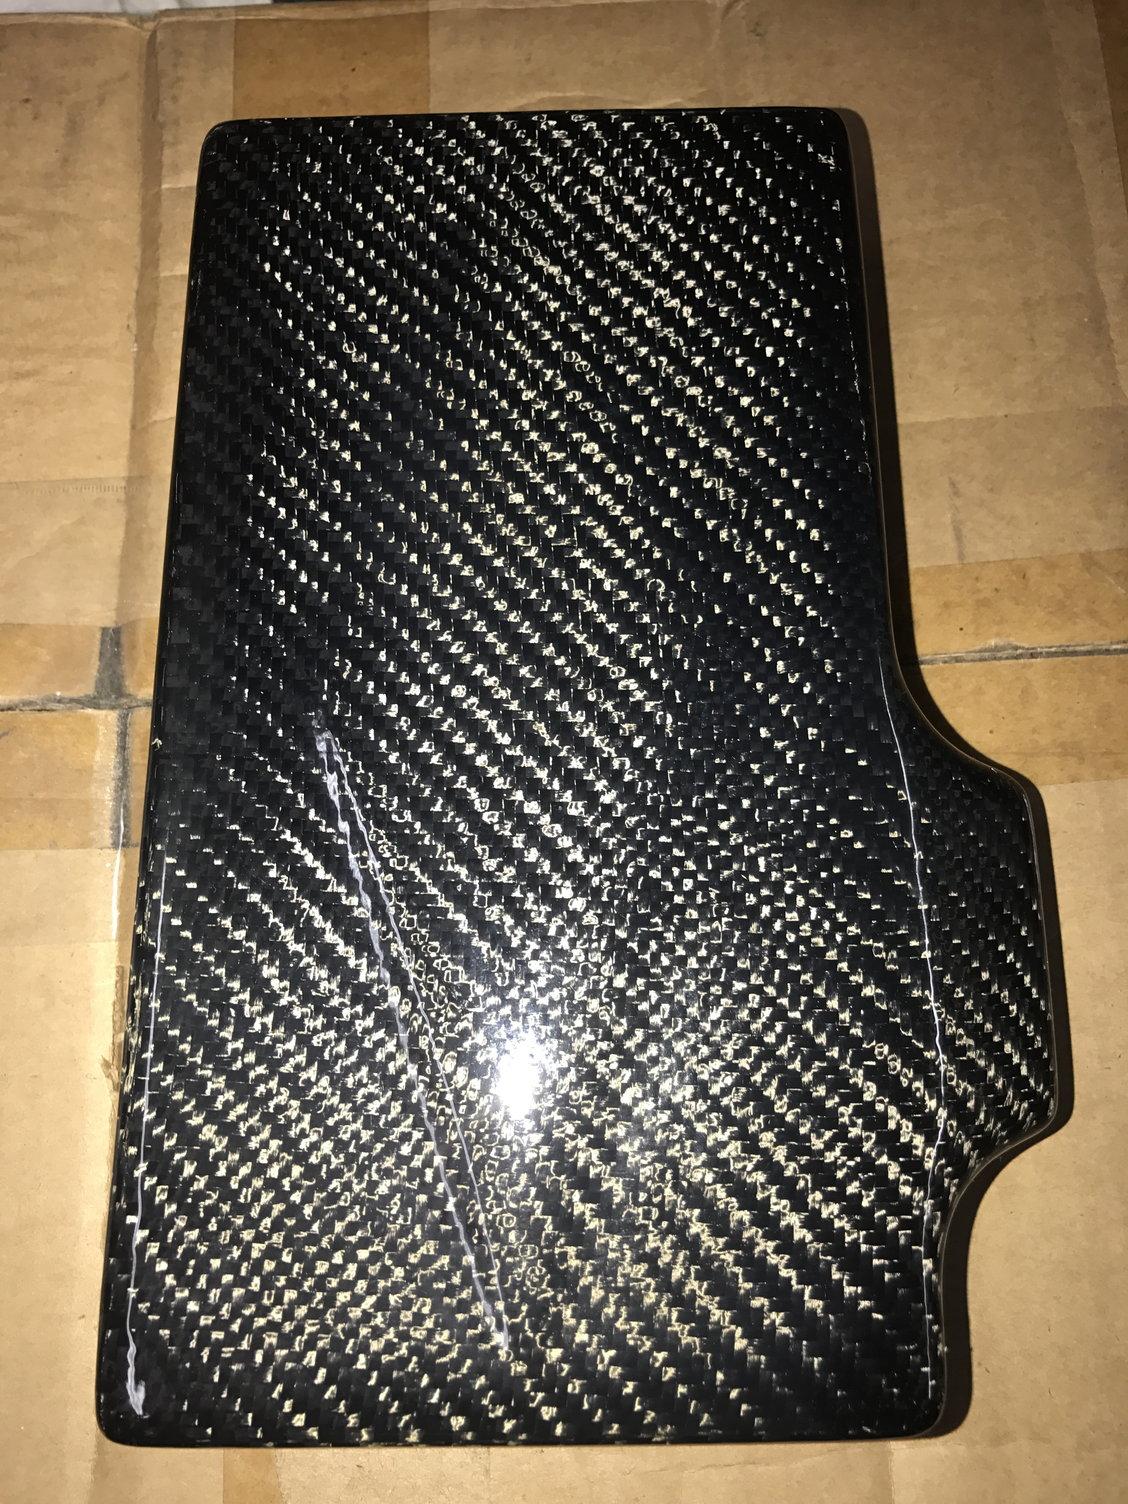 C6 Corvette Carbon Fiber Fuse Box Cover - Corvetteforum